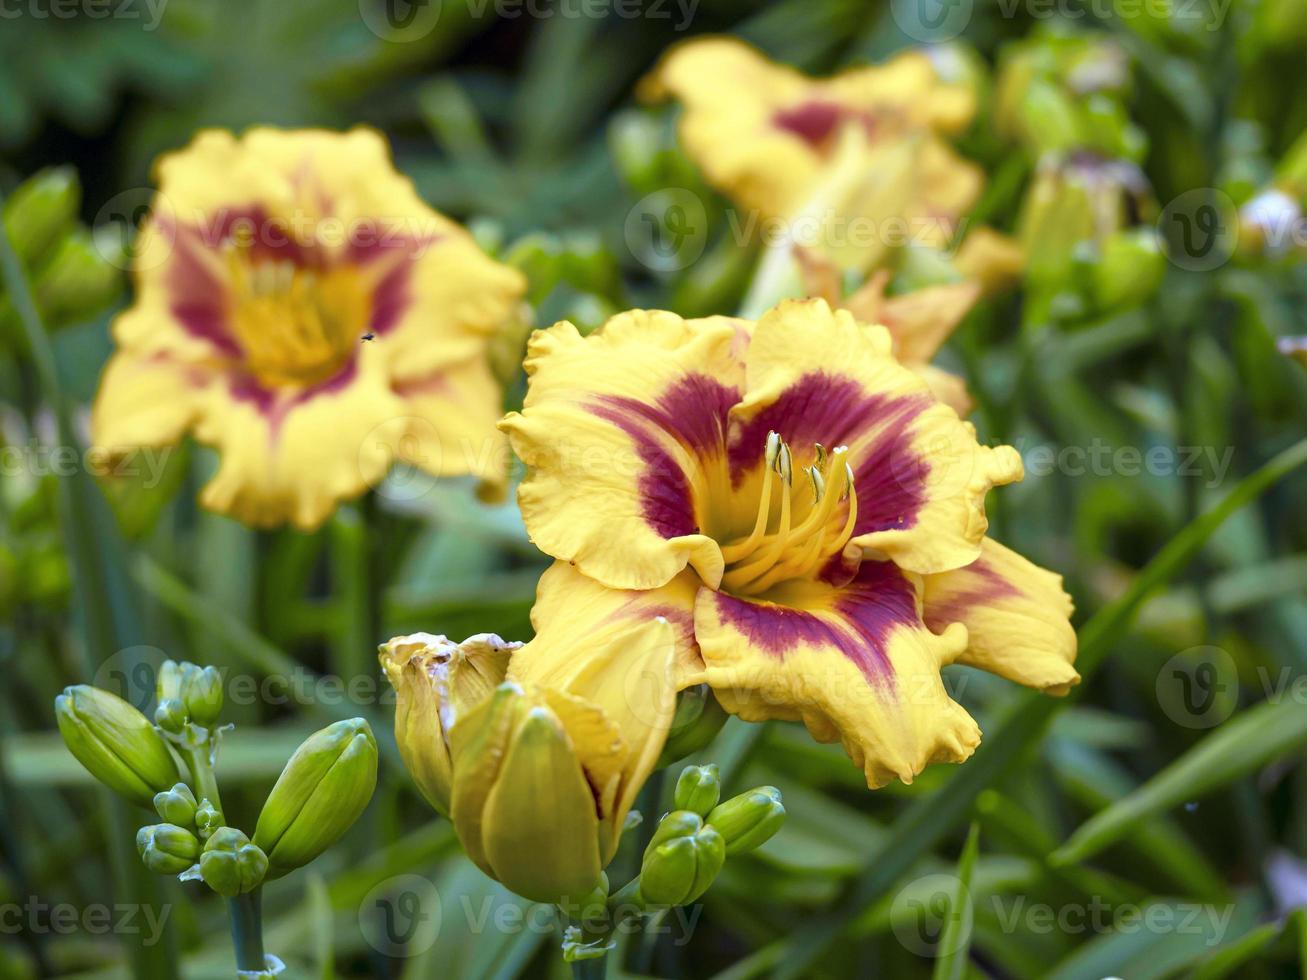 gula och lila dagsliljor foto